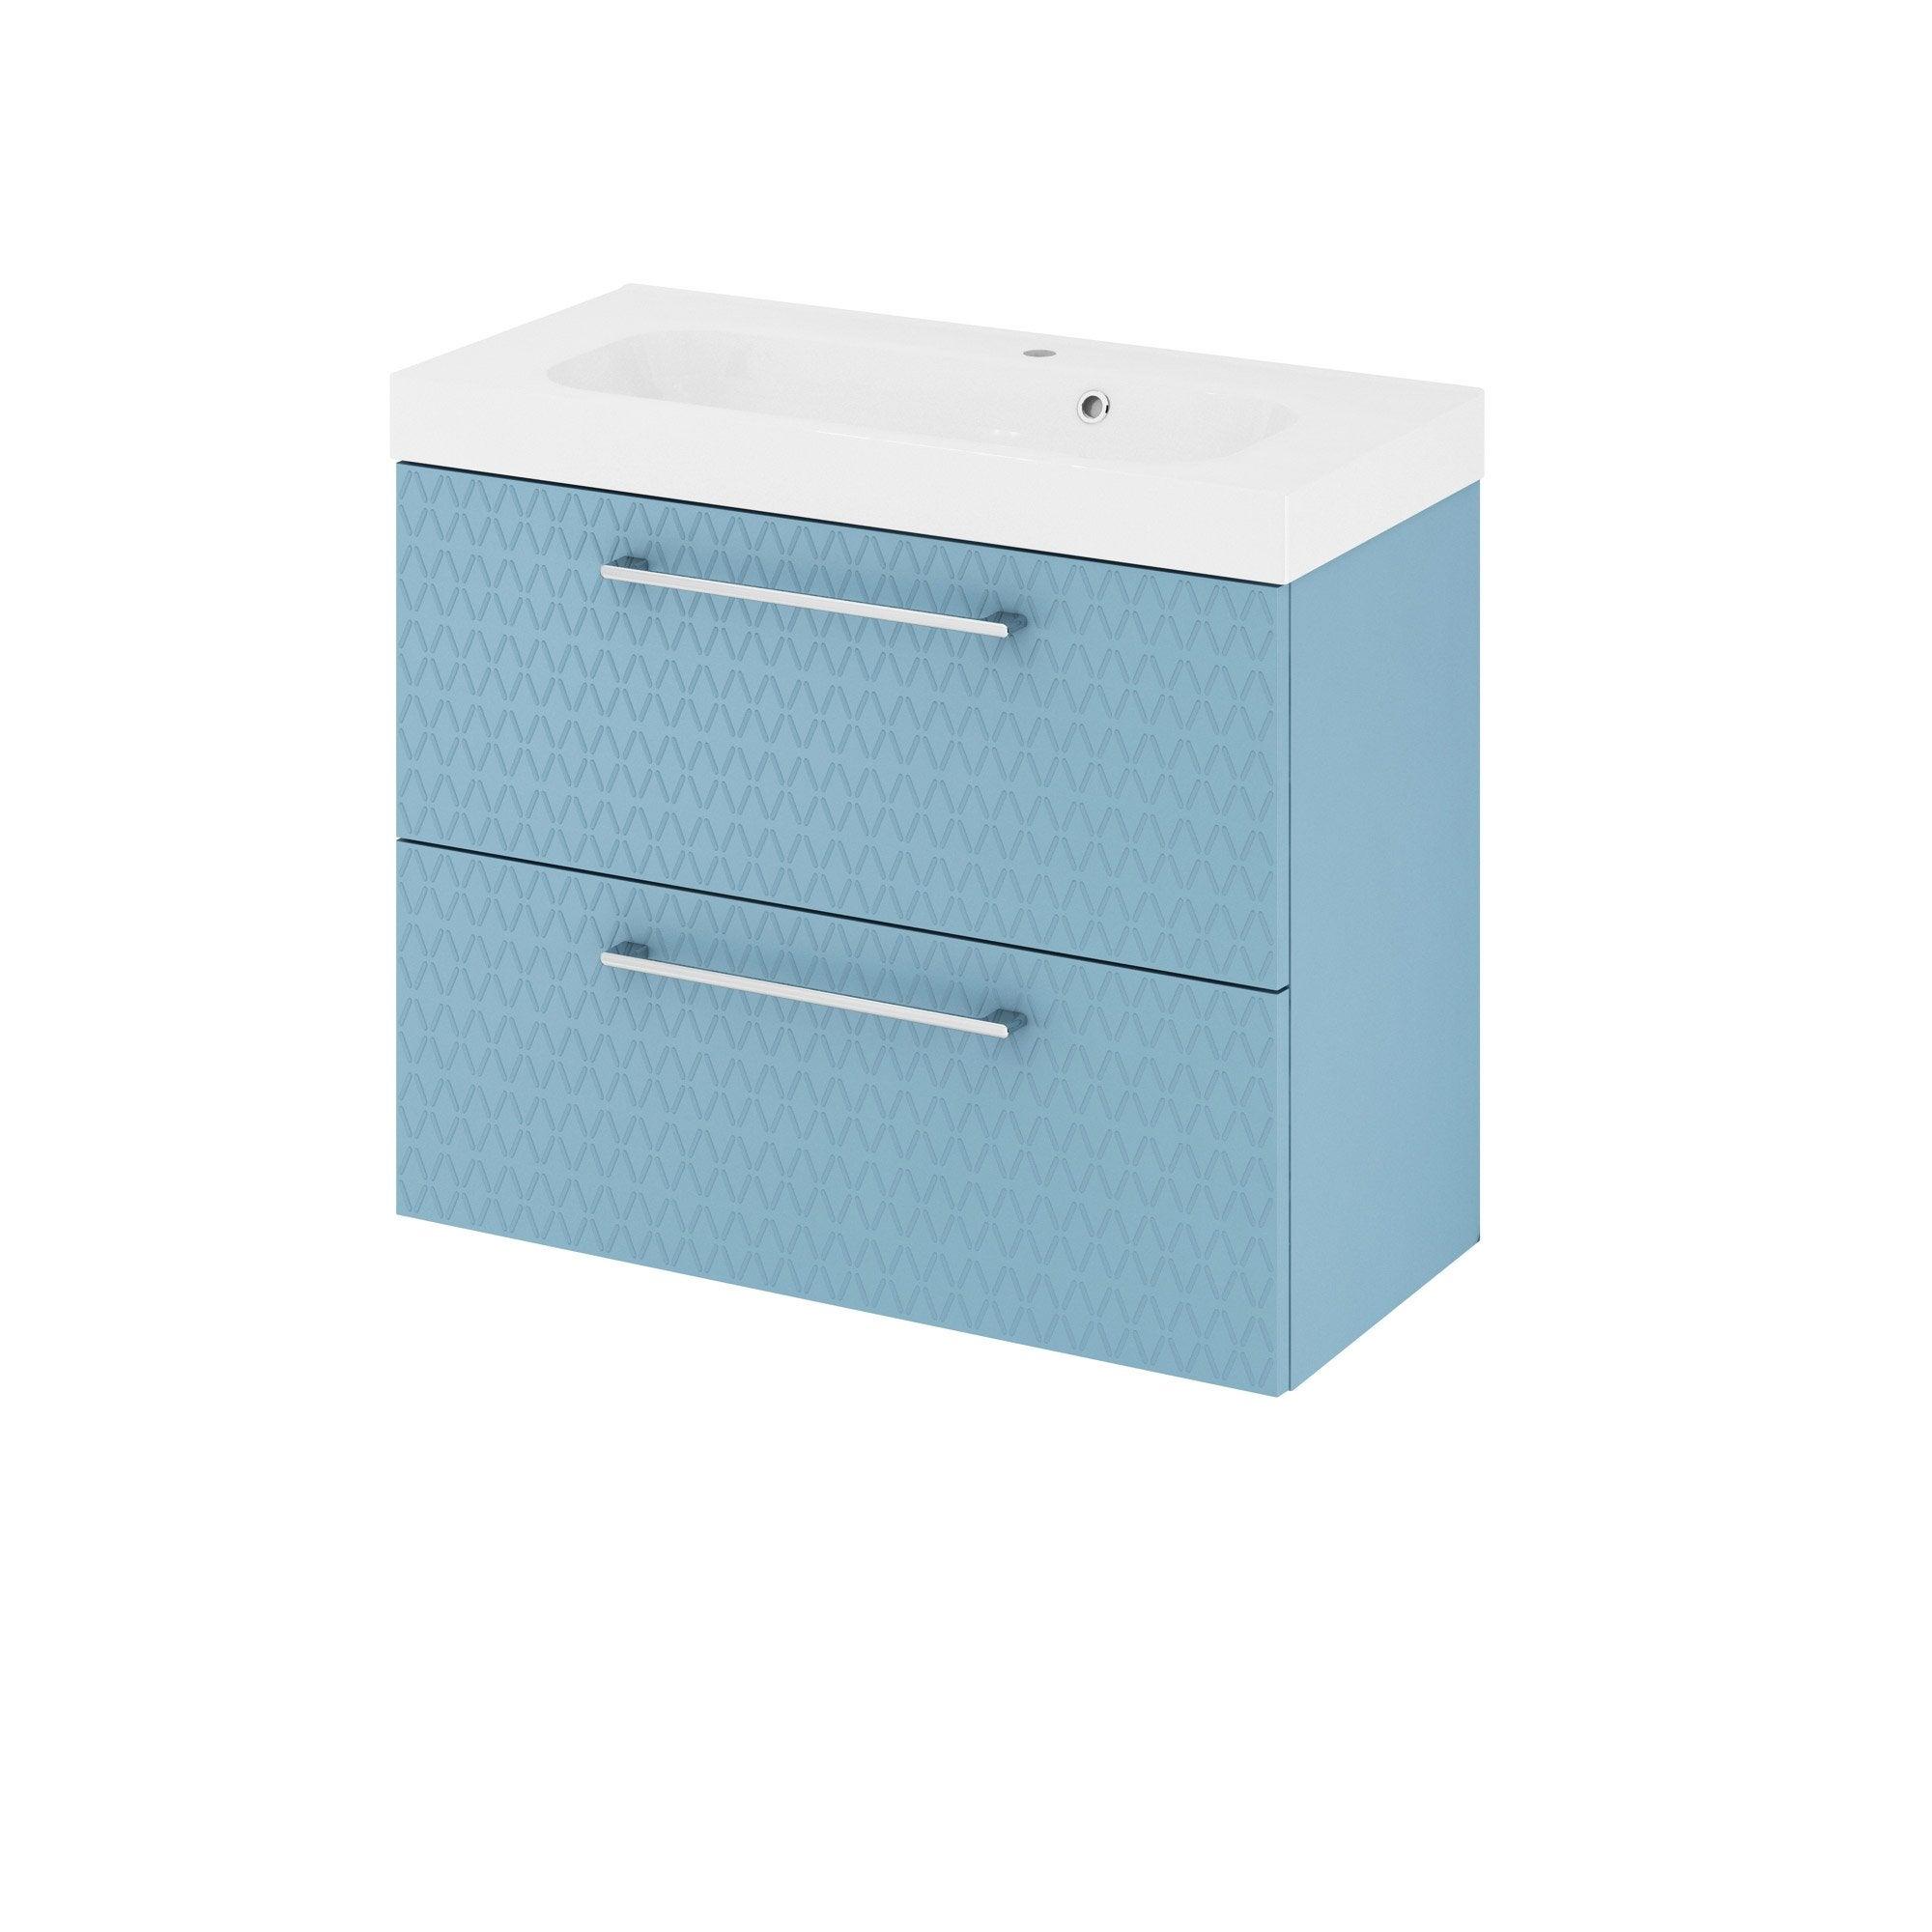 Meuble de salle de bains, Remix, l.76, bleu 3d, Simple vasque, 2 tiroirs